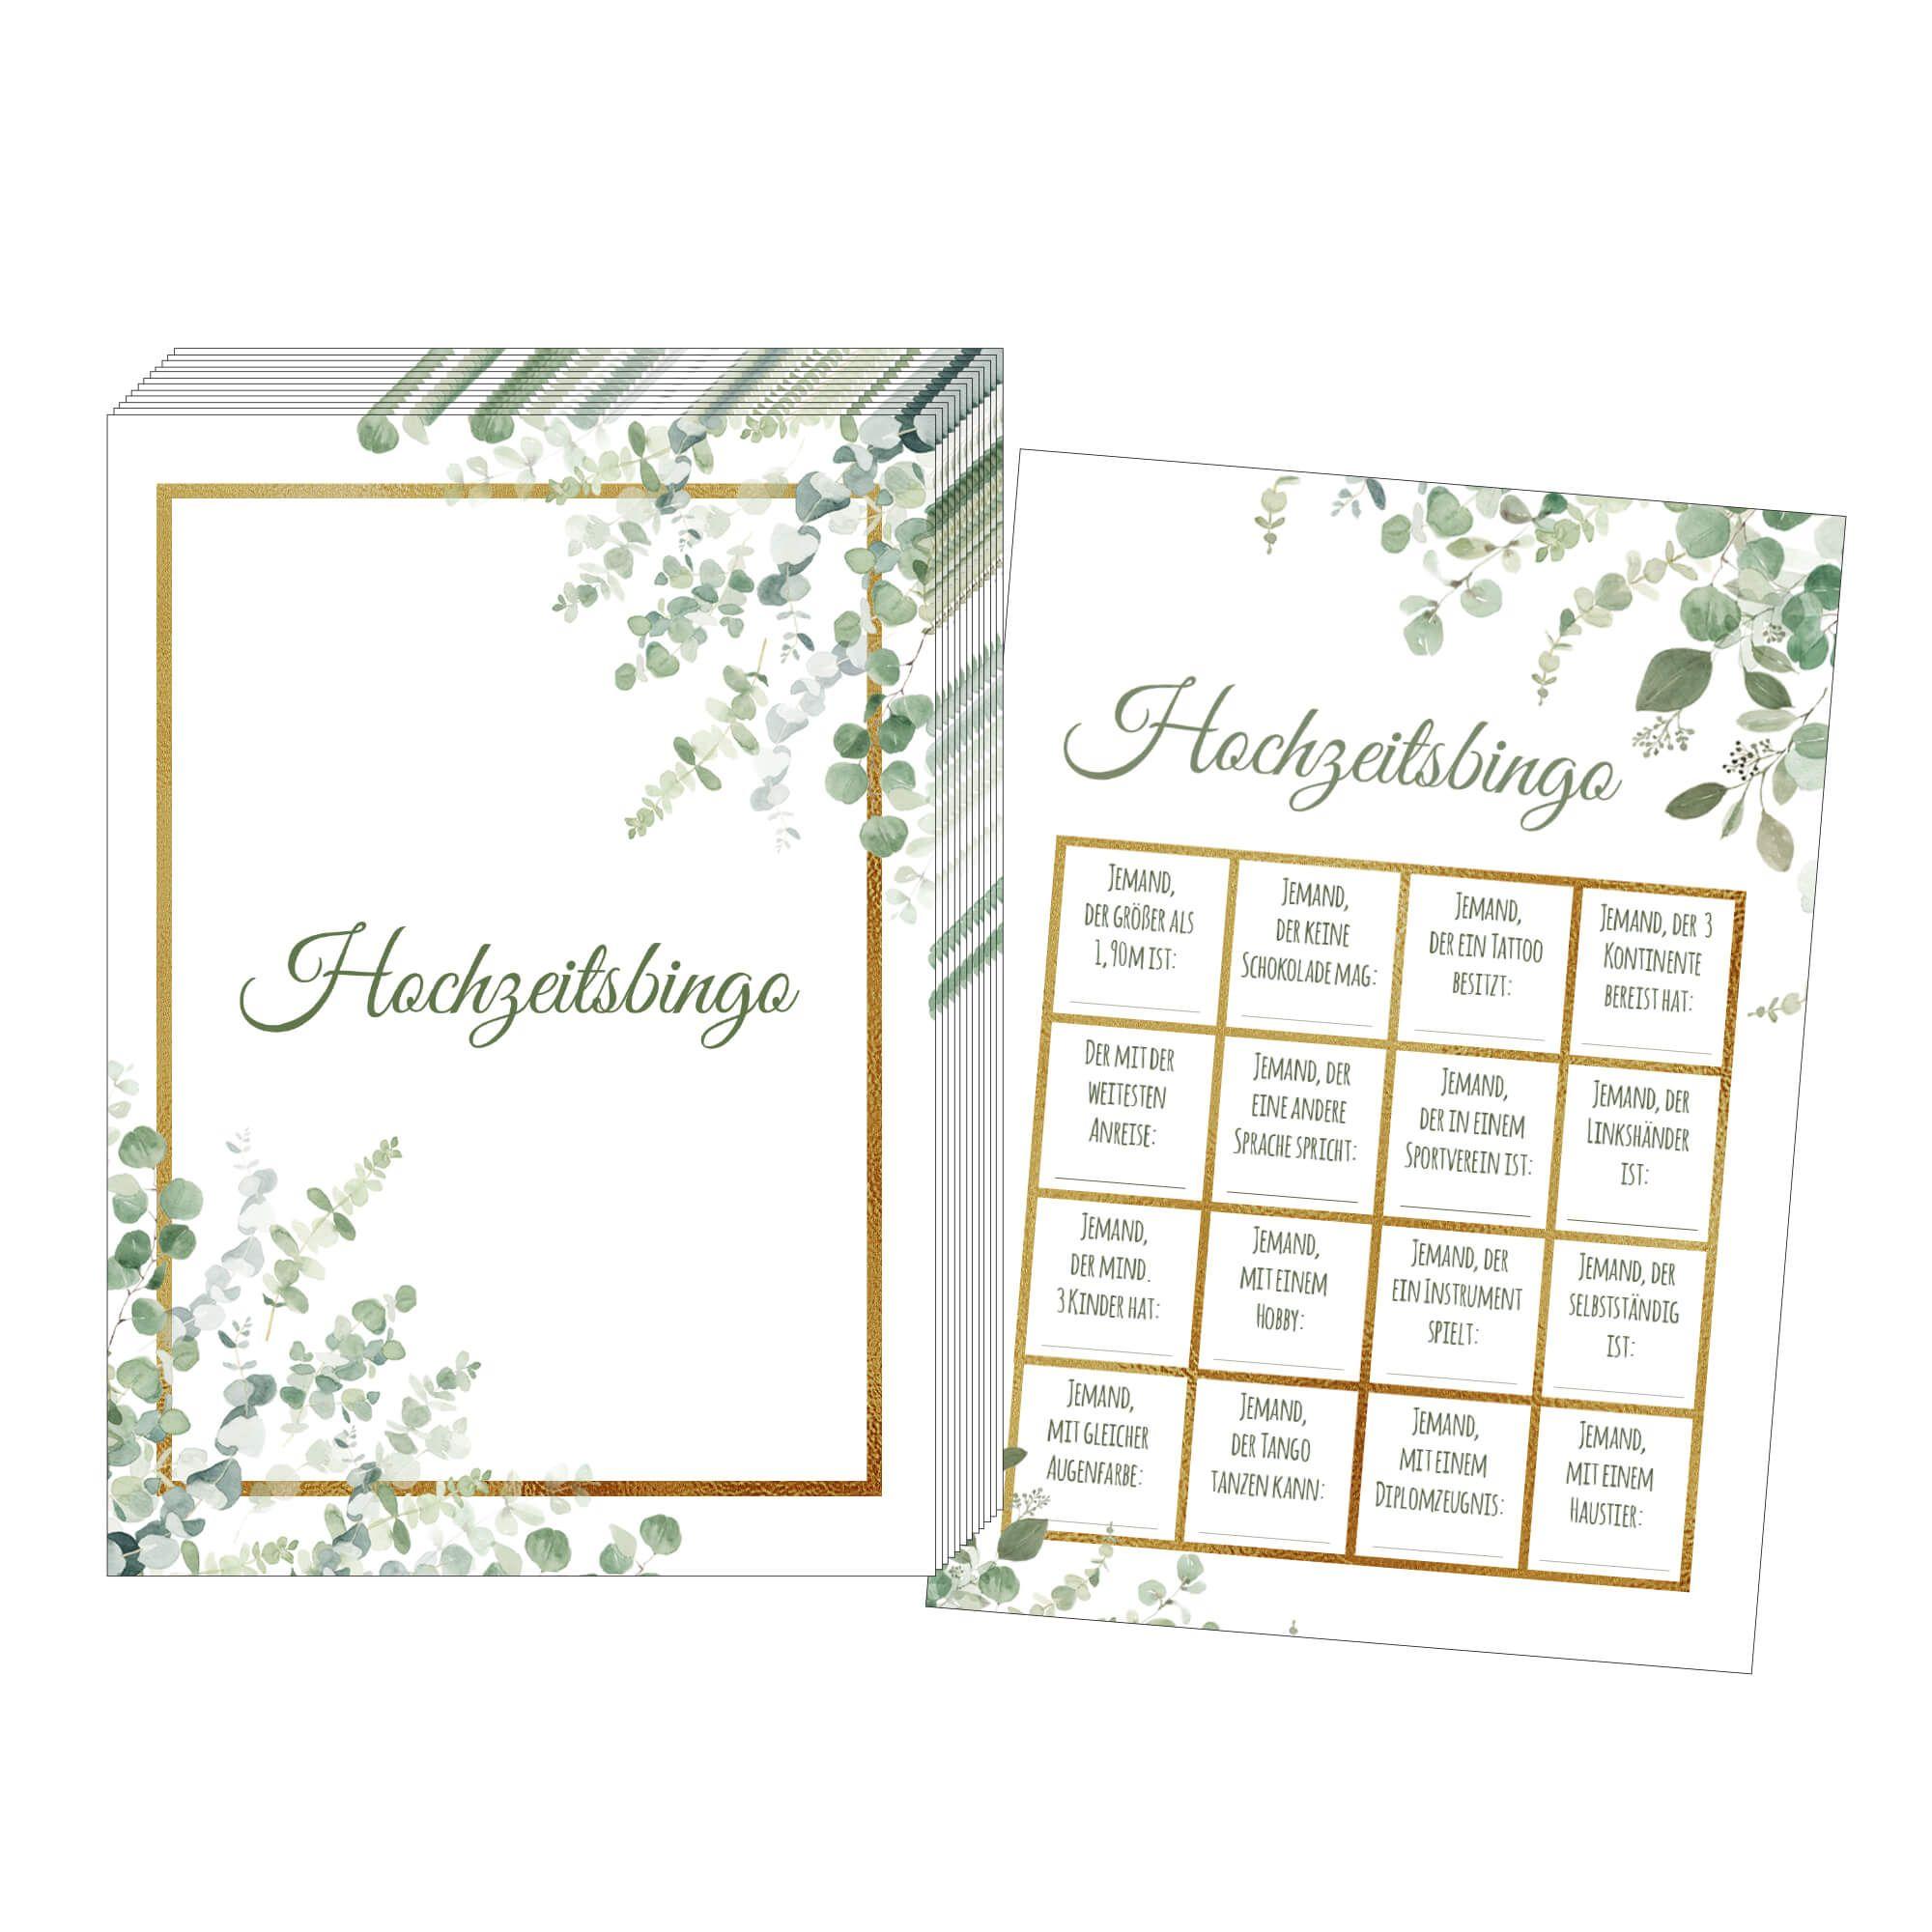 420-Hochzeitsbingo-Design-Gruen-Gold-5wJs0avwXu8ccj